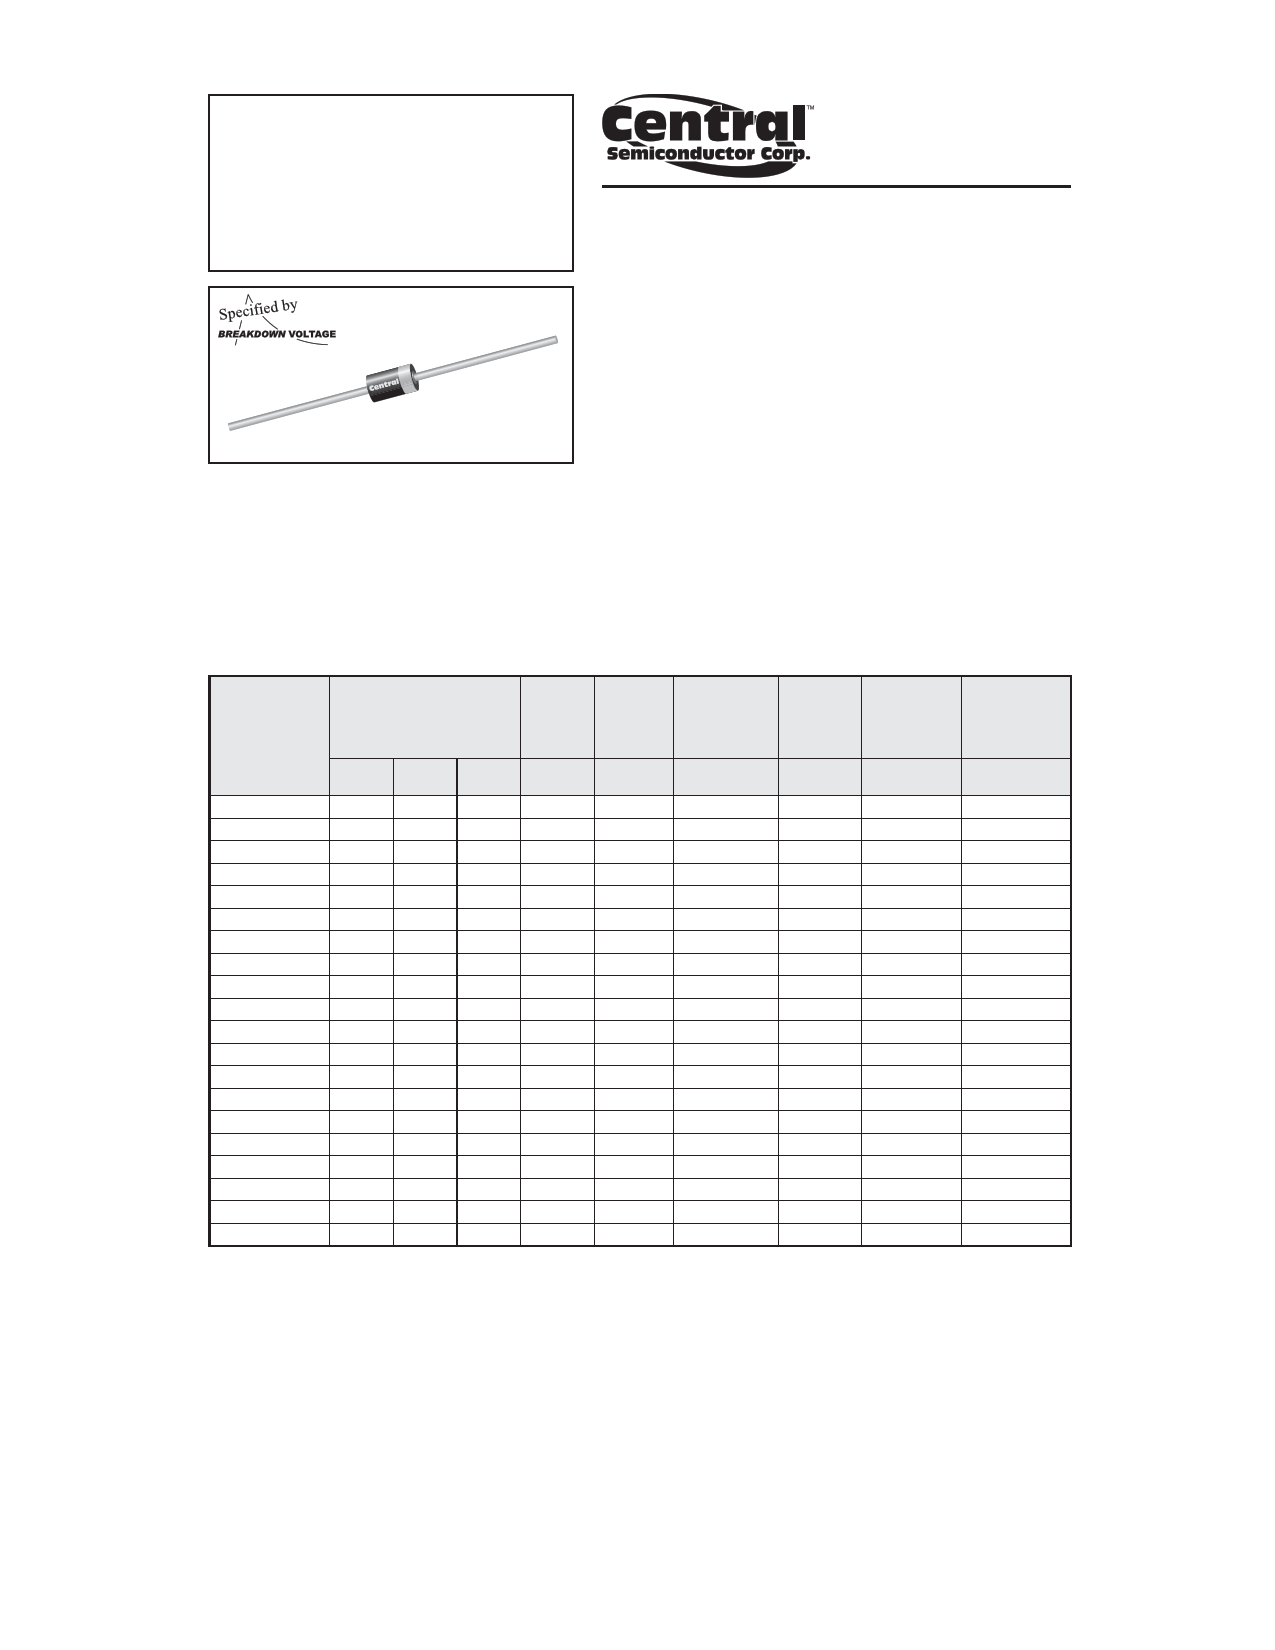 1.5CE18CA datasheet